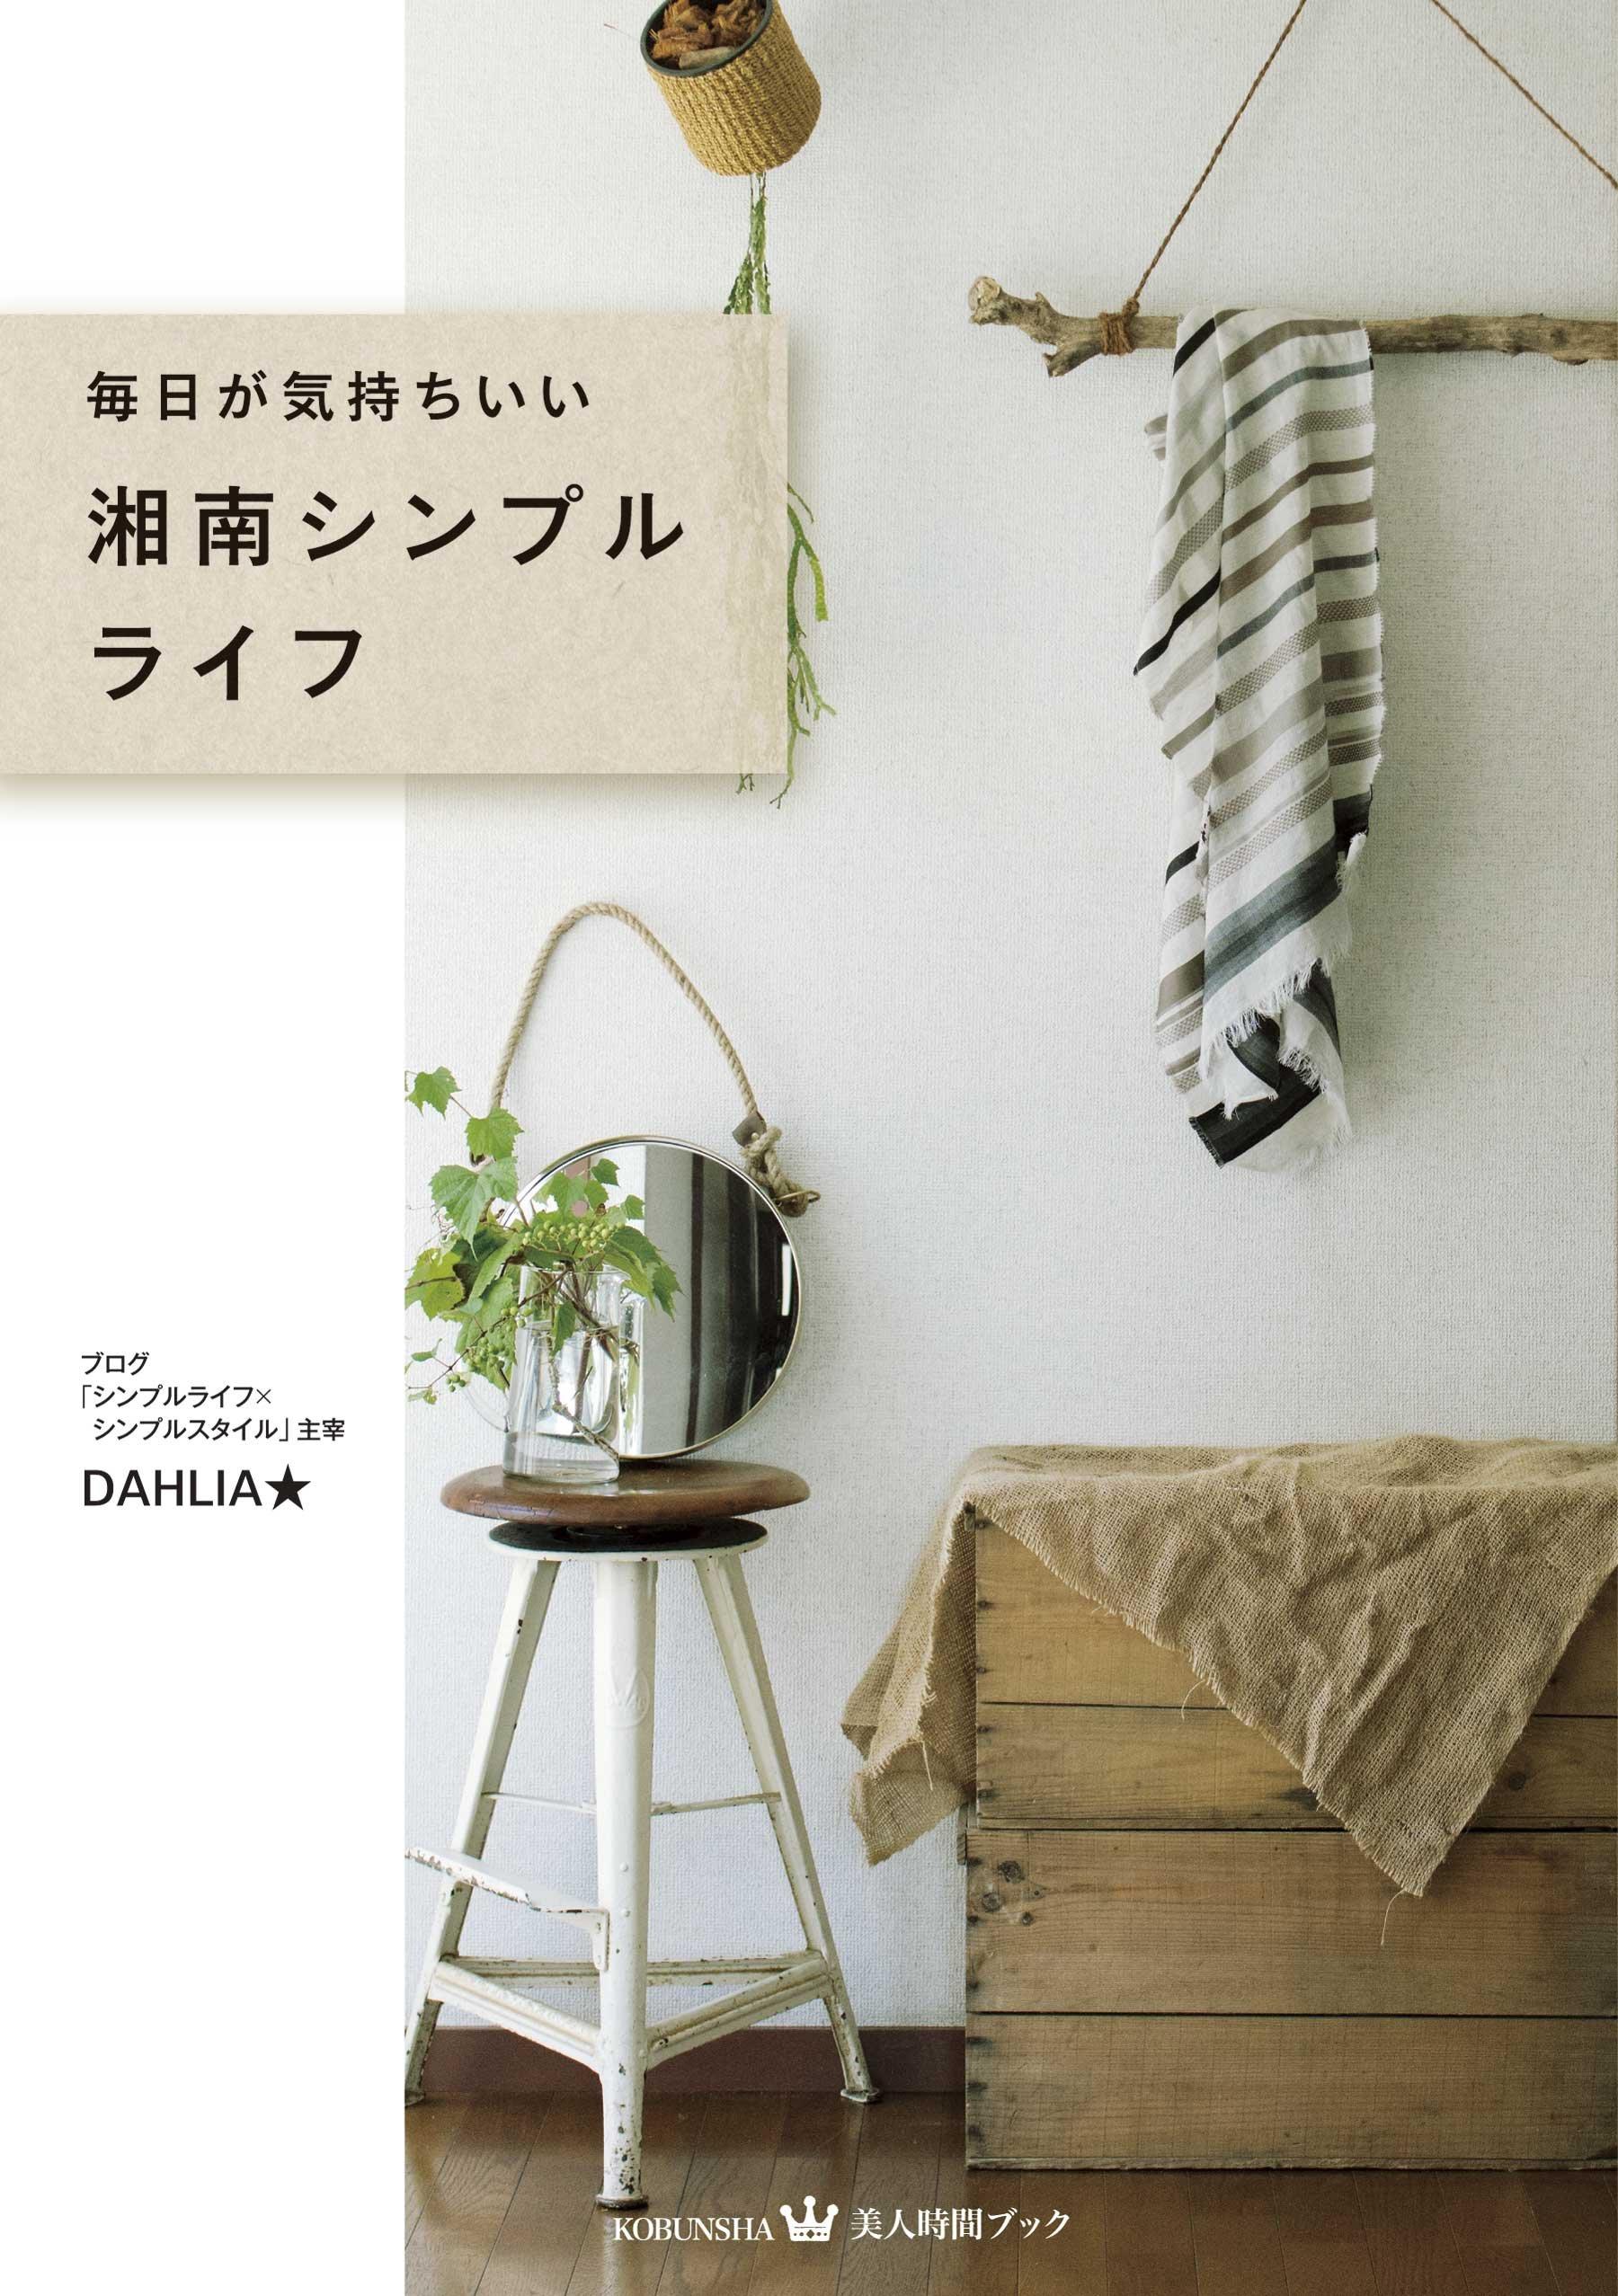 『毎日が気持ちいい 湘南シンプルライフ』(光文社)